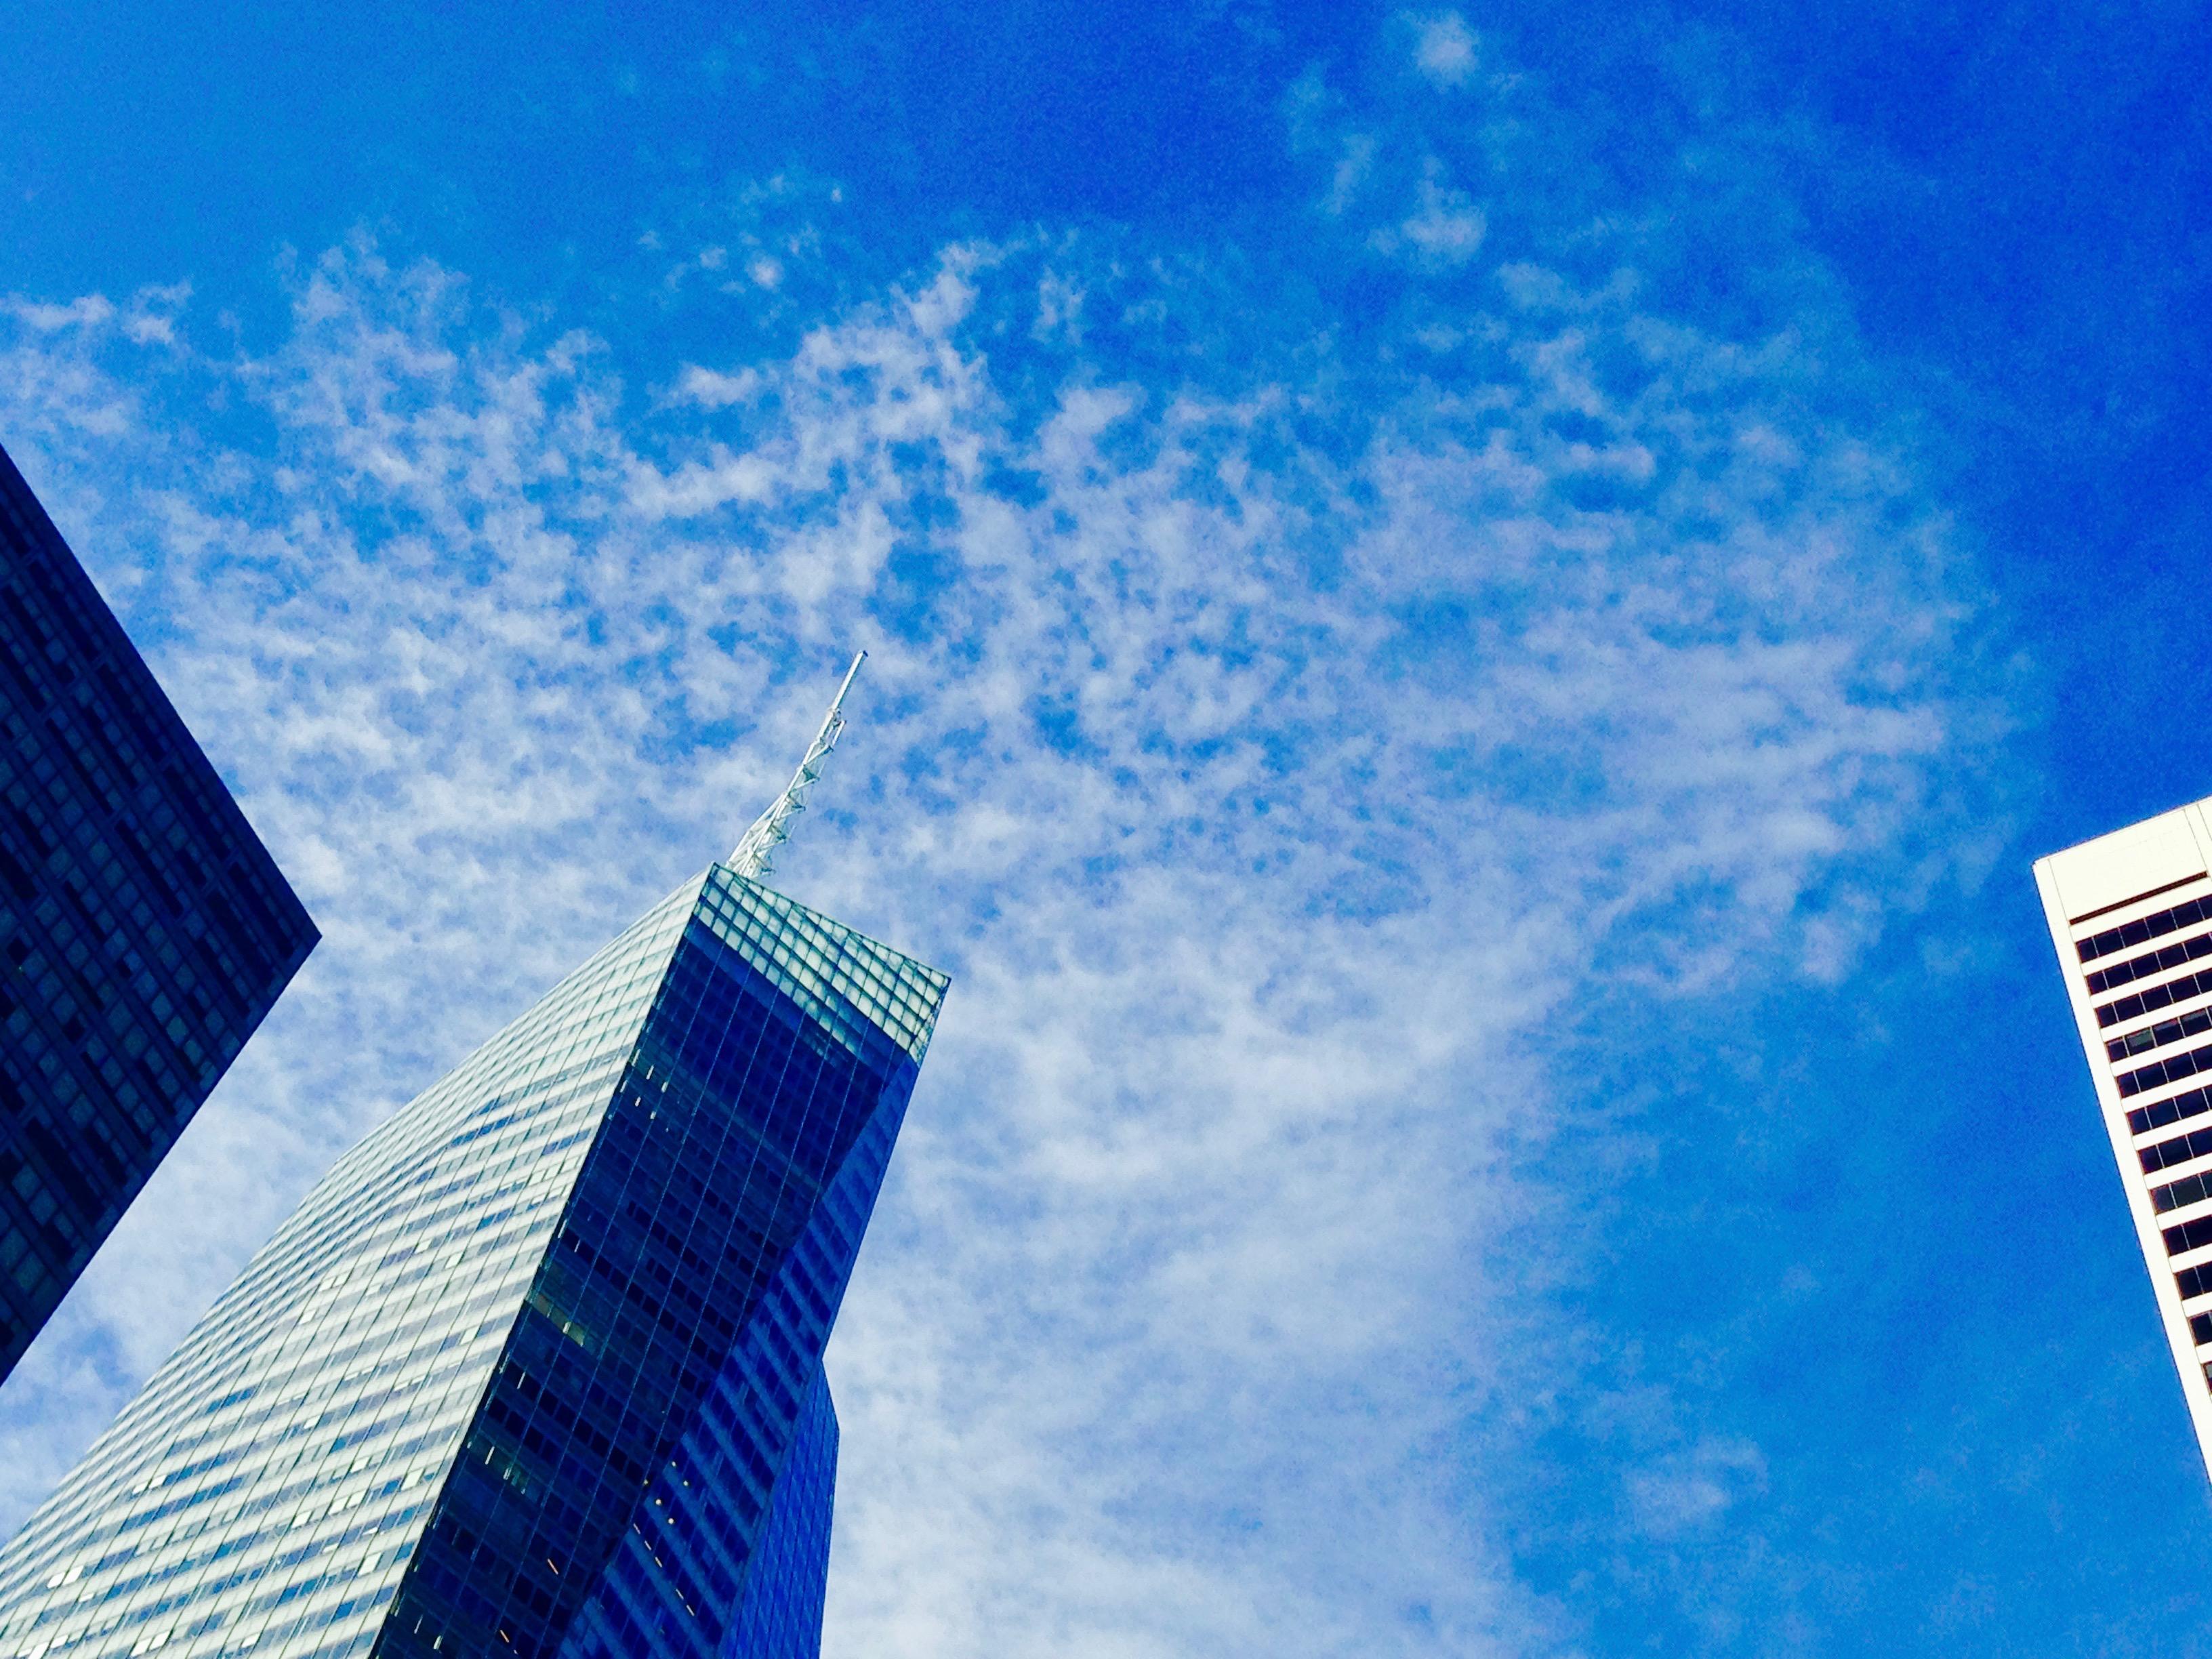 눈이 부시게 푸른 하늘 - 뉴욕의 하늘